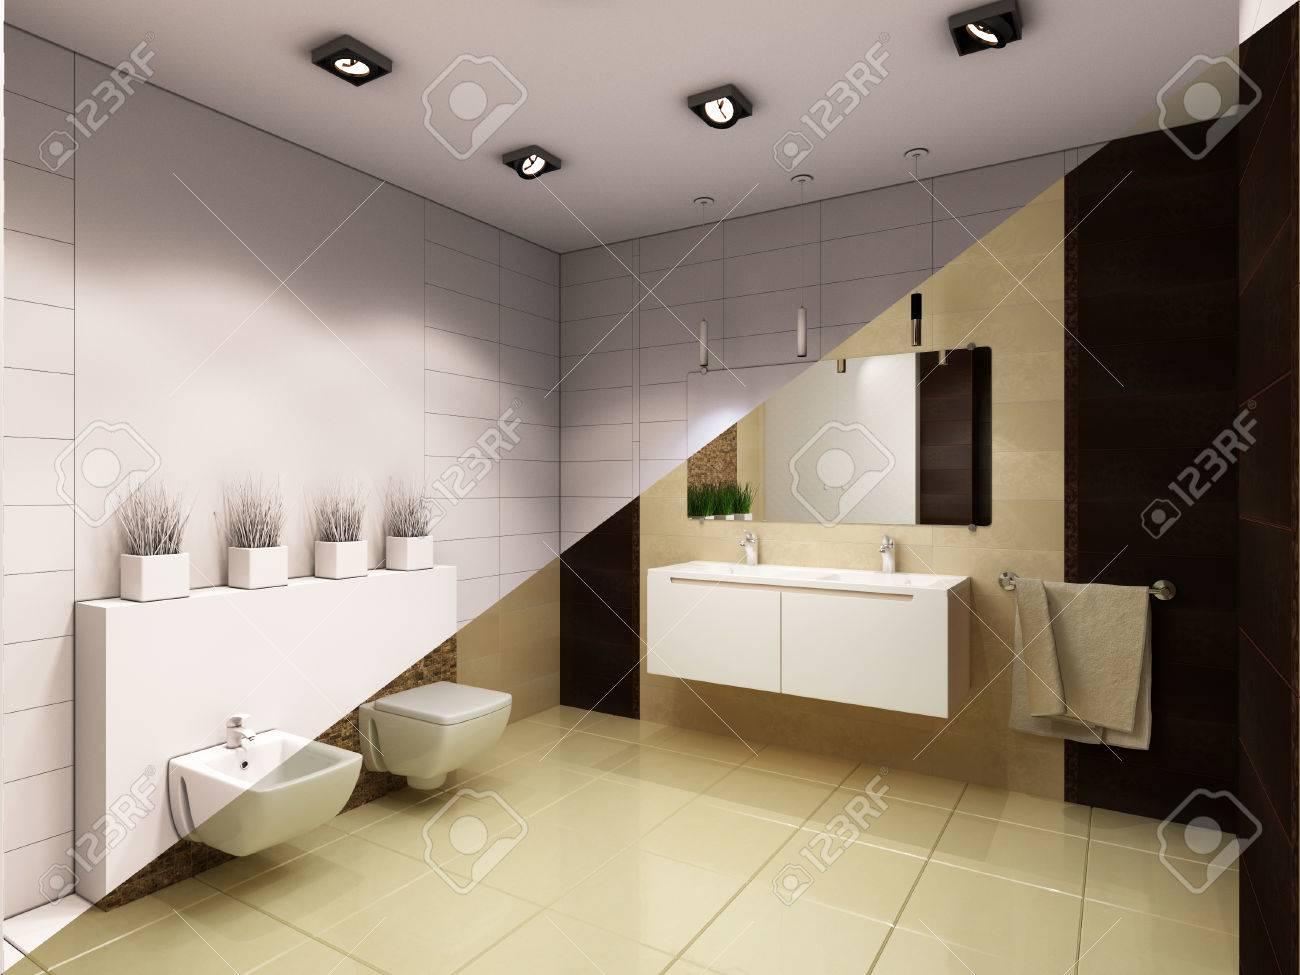 3d Ilustración De Diseño Interior De Un Cuarto De Baño Con Ducha. La ...